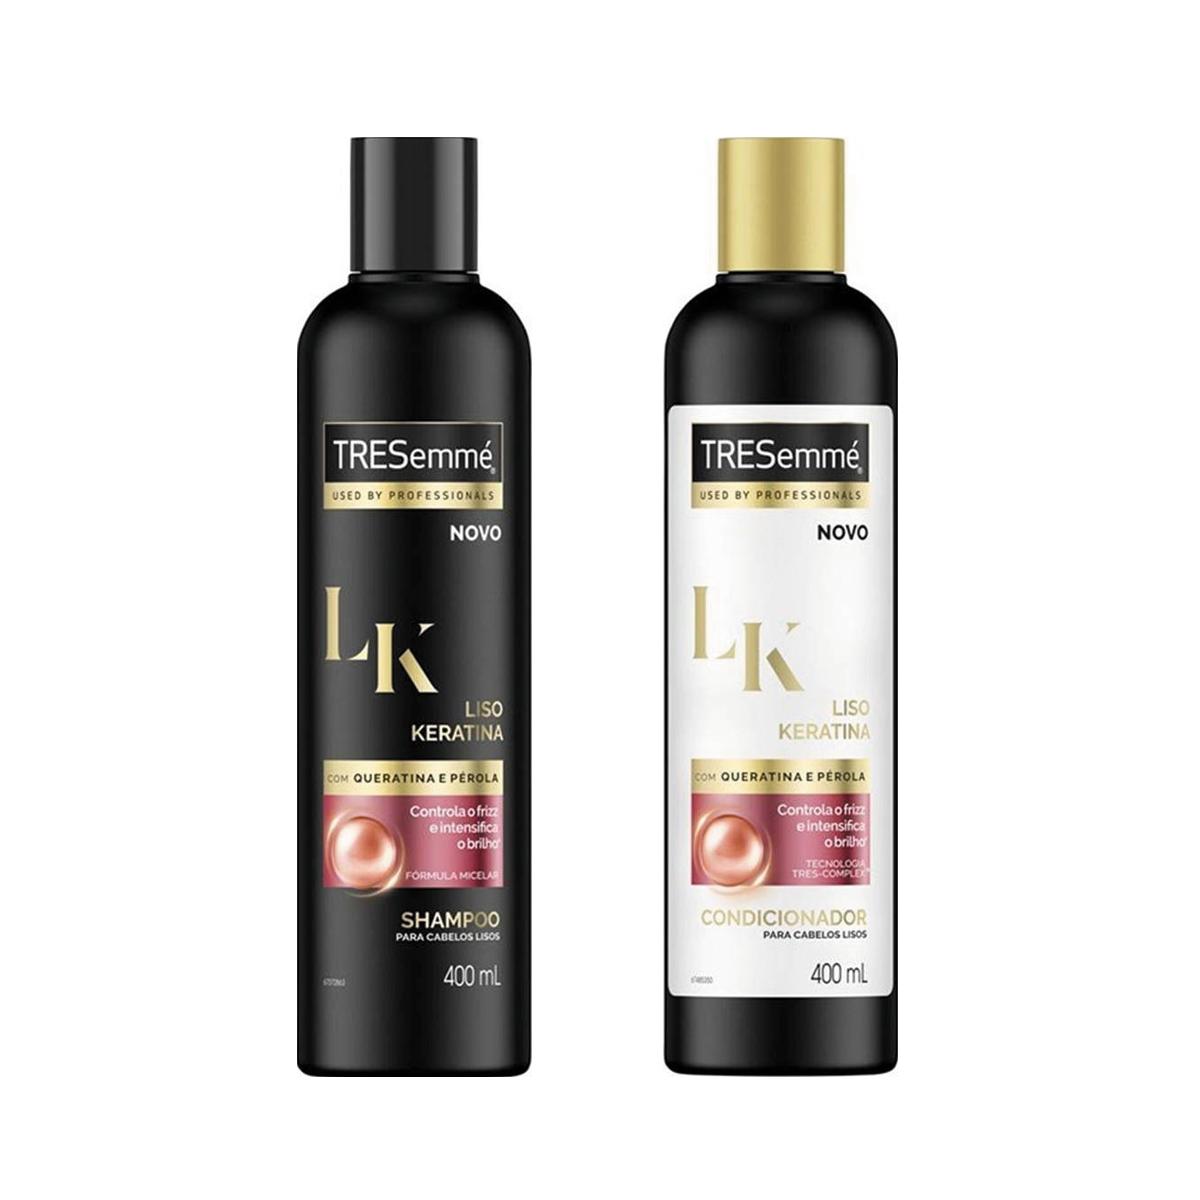 97aff2ef4 Kit TRESemmé Liso Keratina Shampoo + Condicionador 400ml